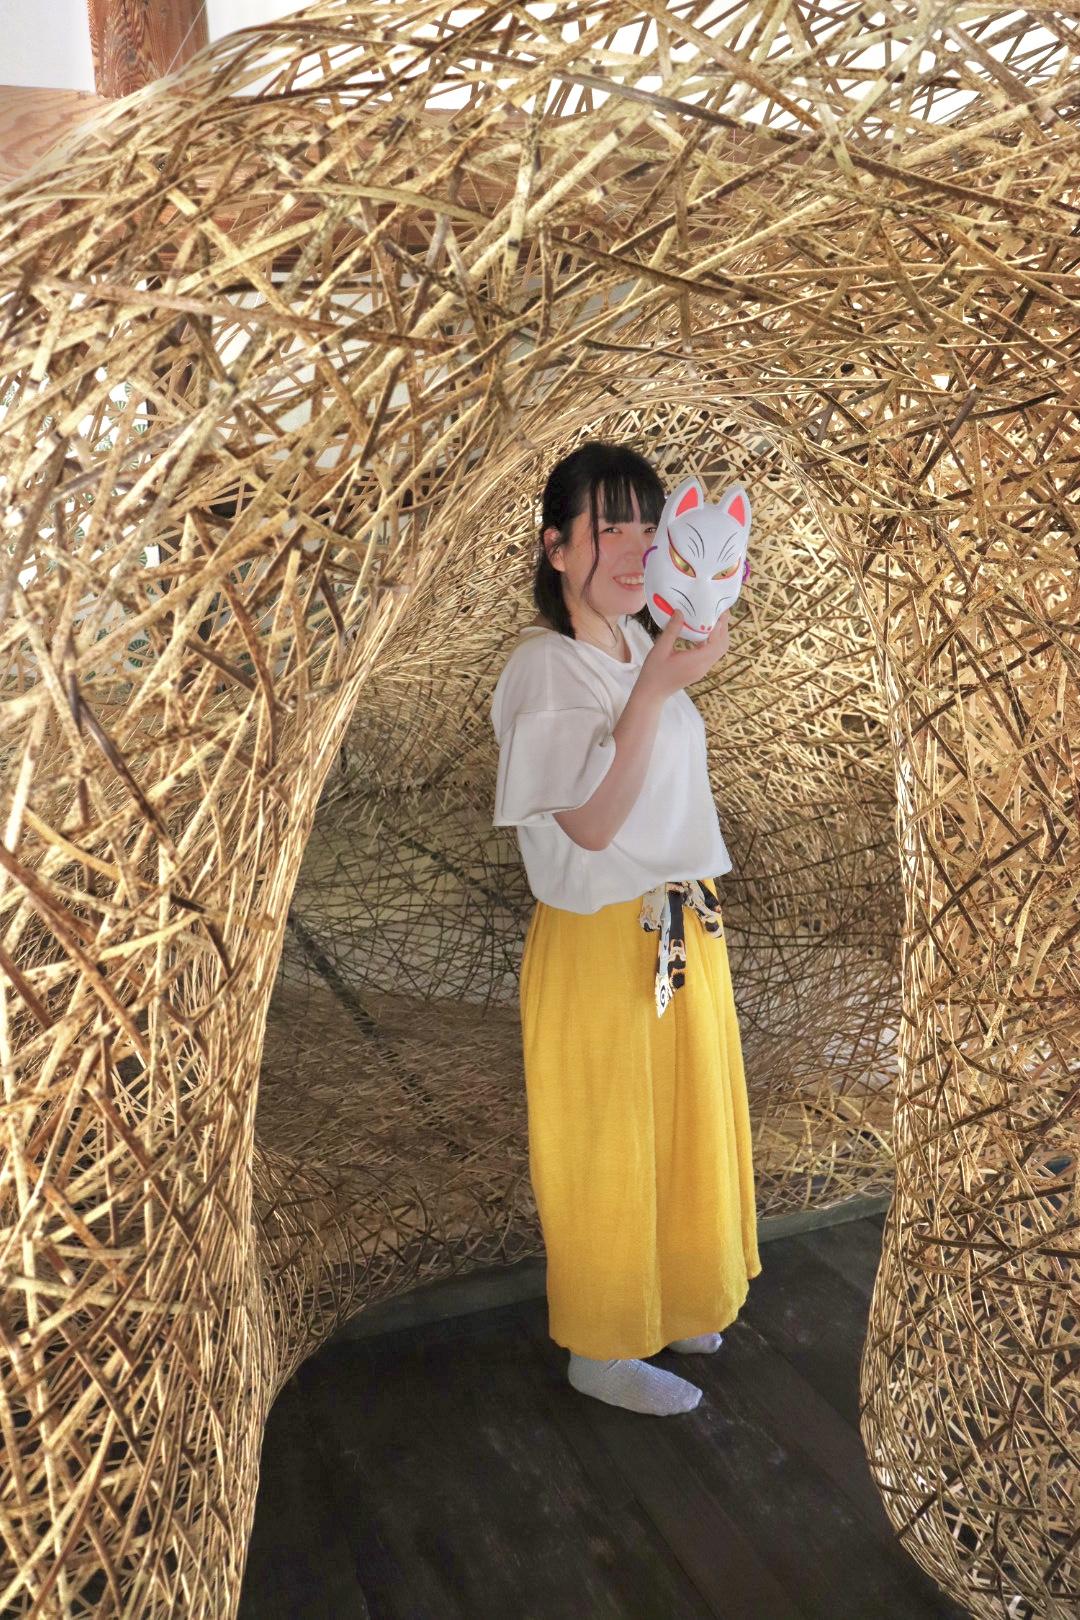 【大満足まちがいなし】一泊二日でも充分楽しめる富山県の女子旅スポットまとめ_2